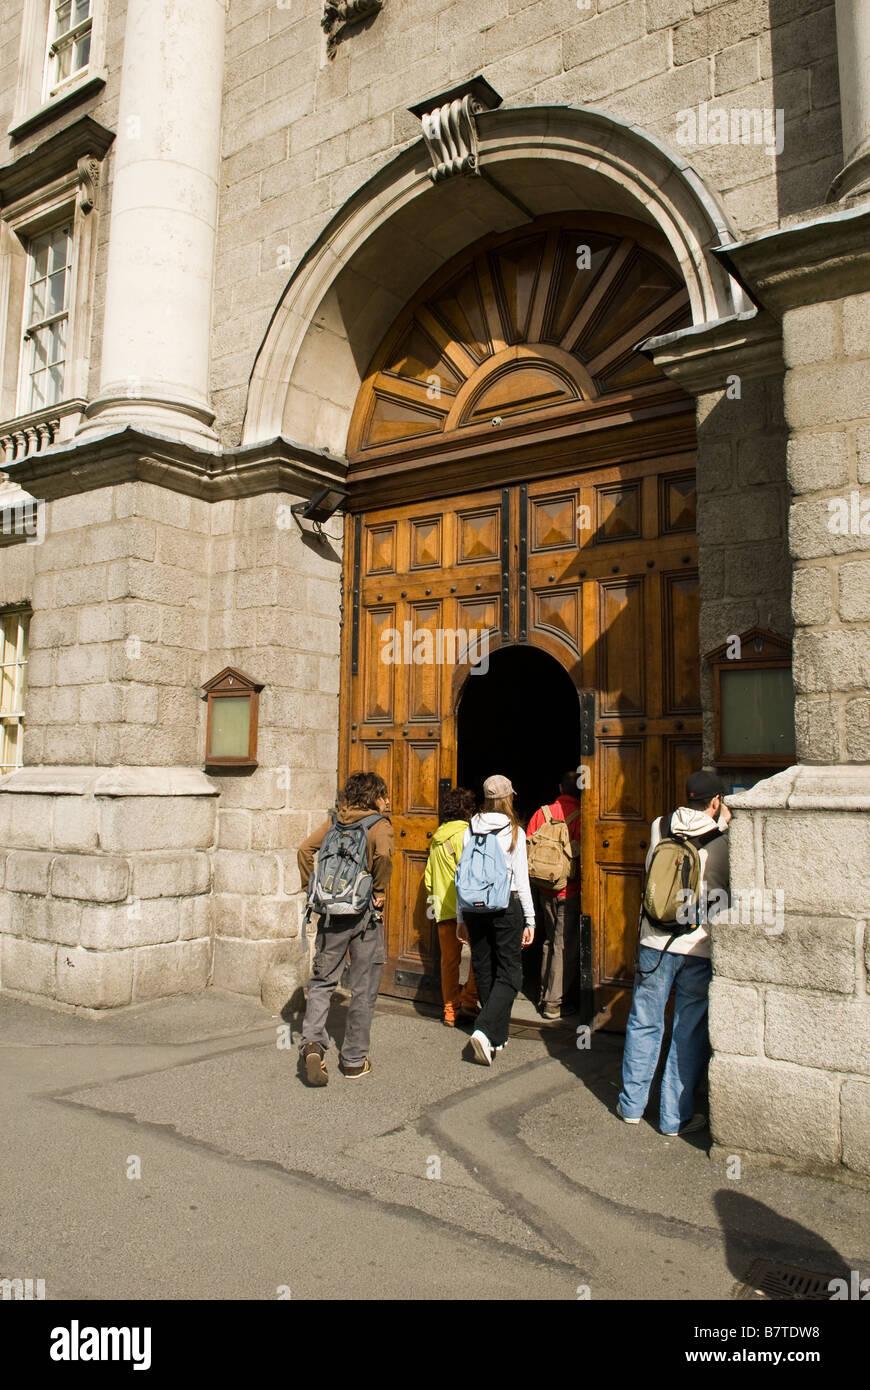 People walking through Trinity College front door Dublin Ireland